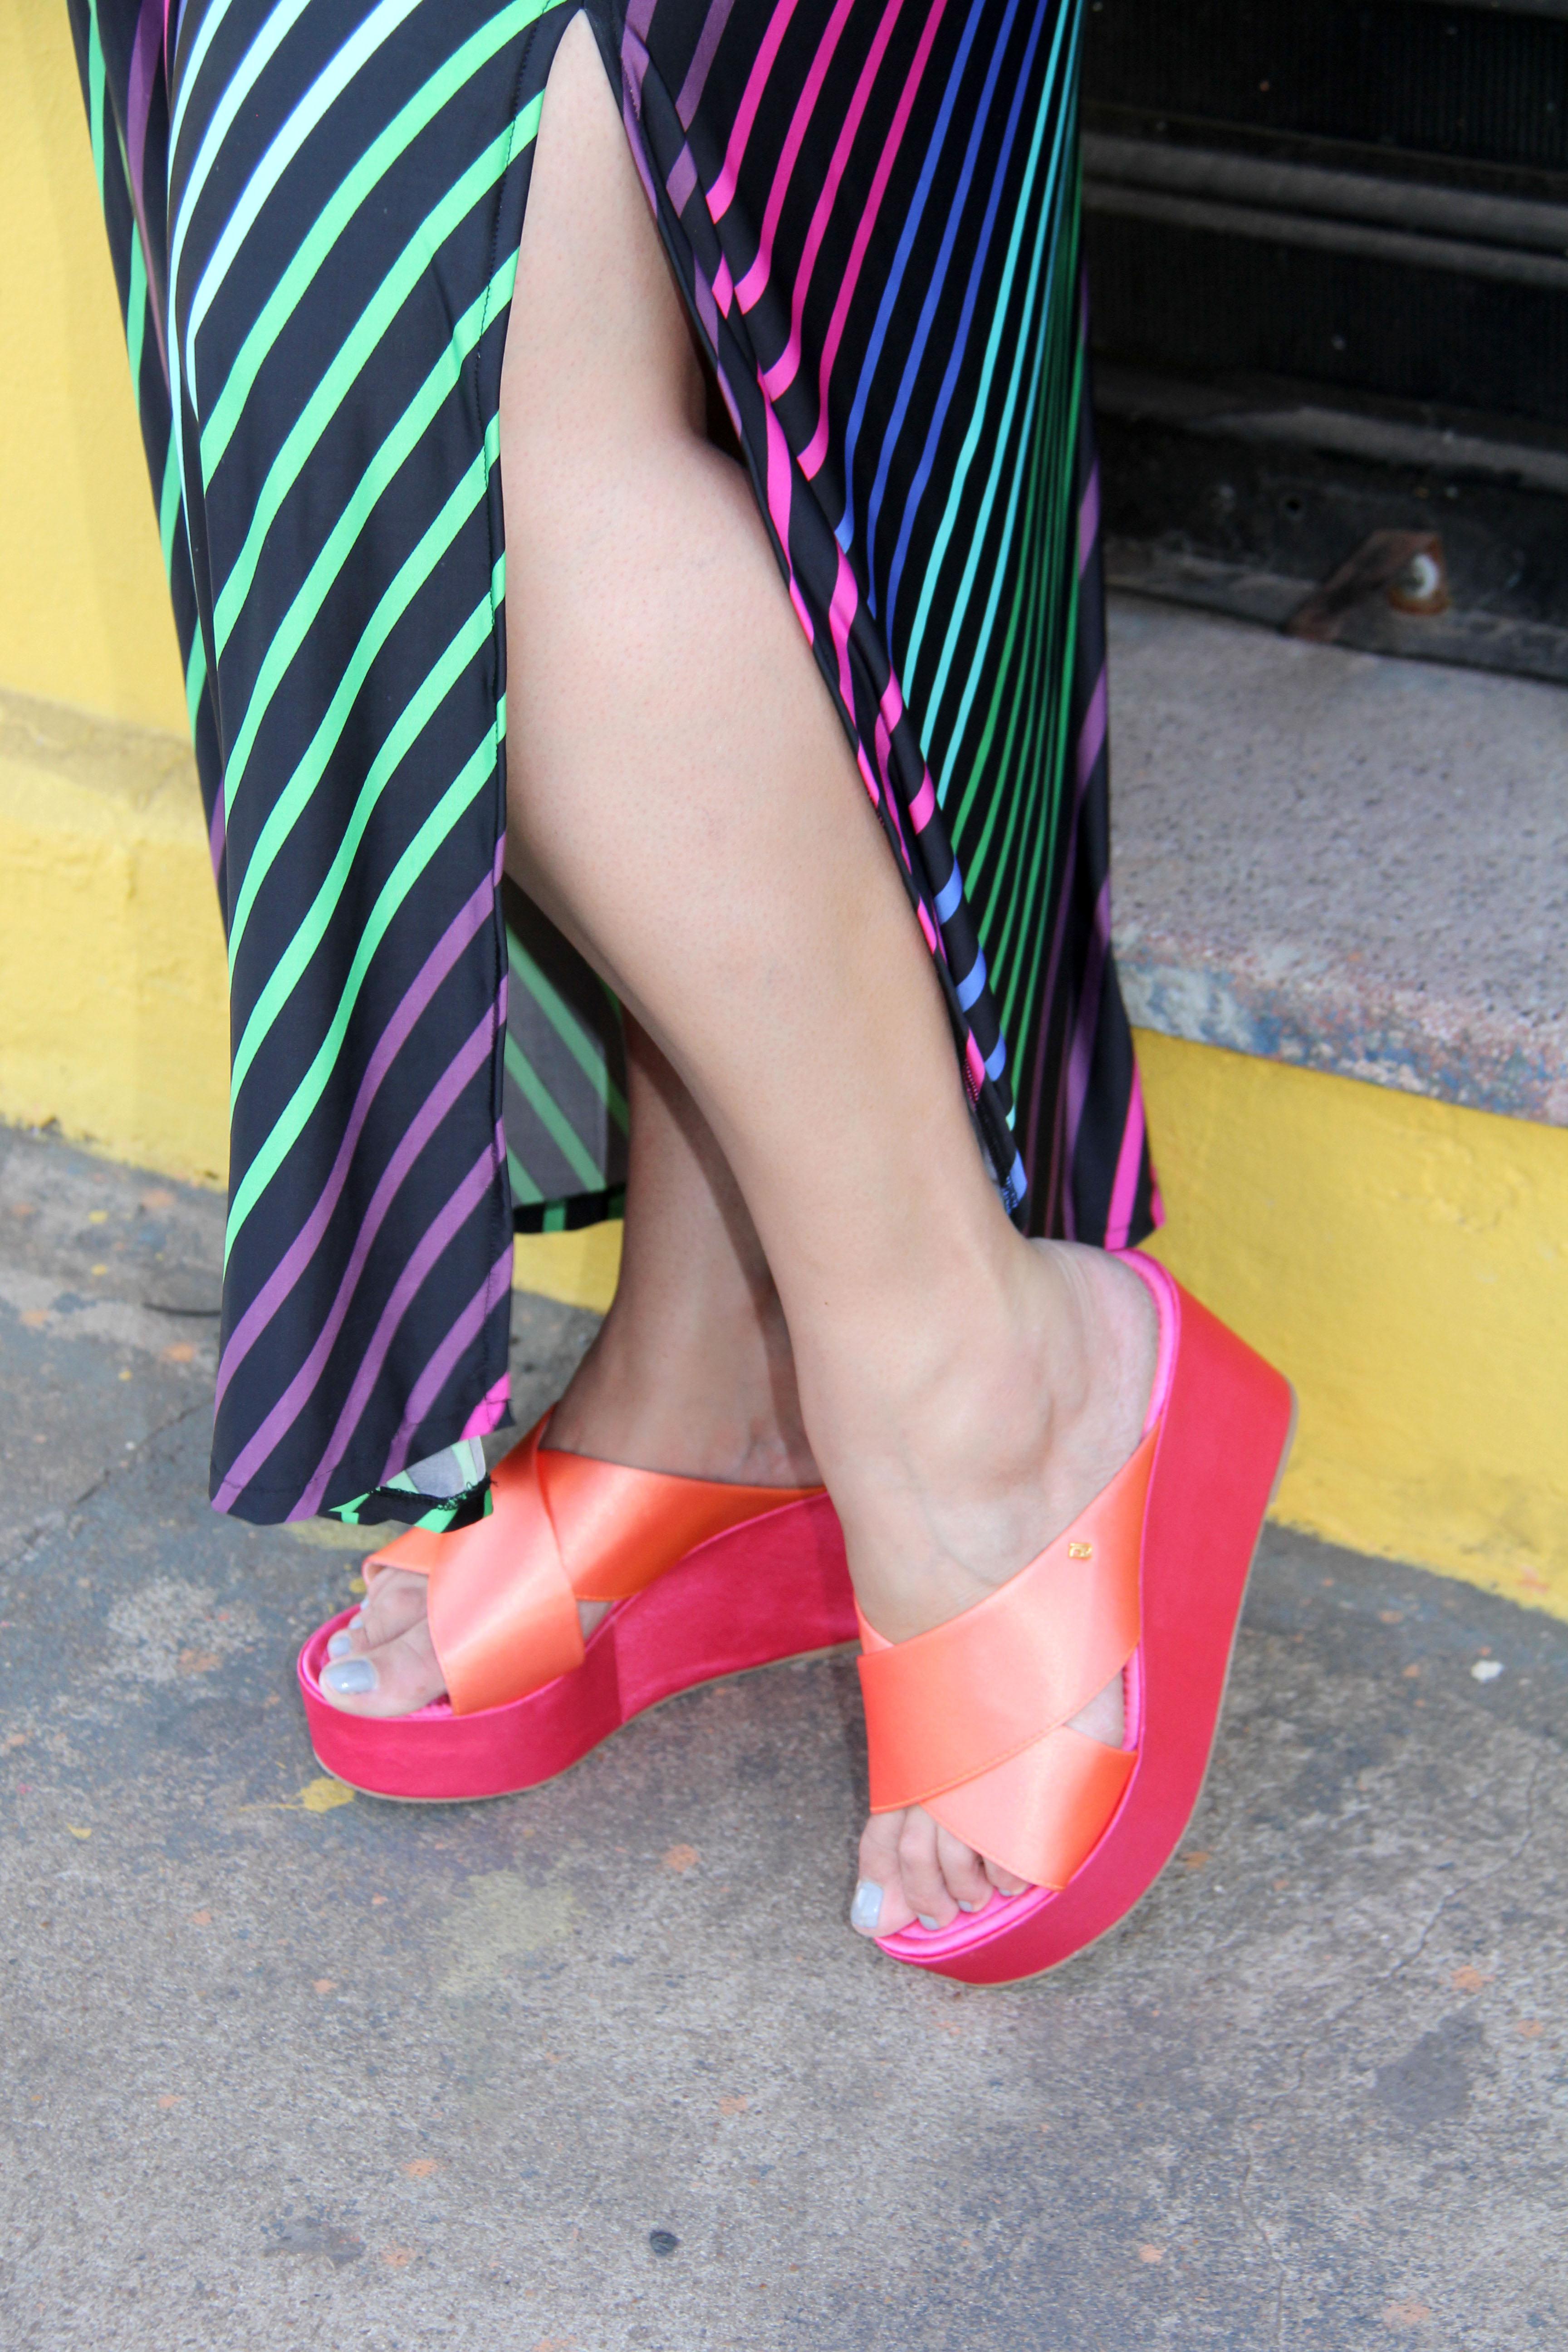 Vestido longo da ChicaBolacha com tamanco cetim laranja e rosa da Petite Jolie